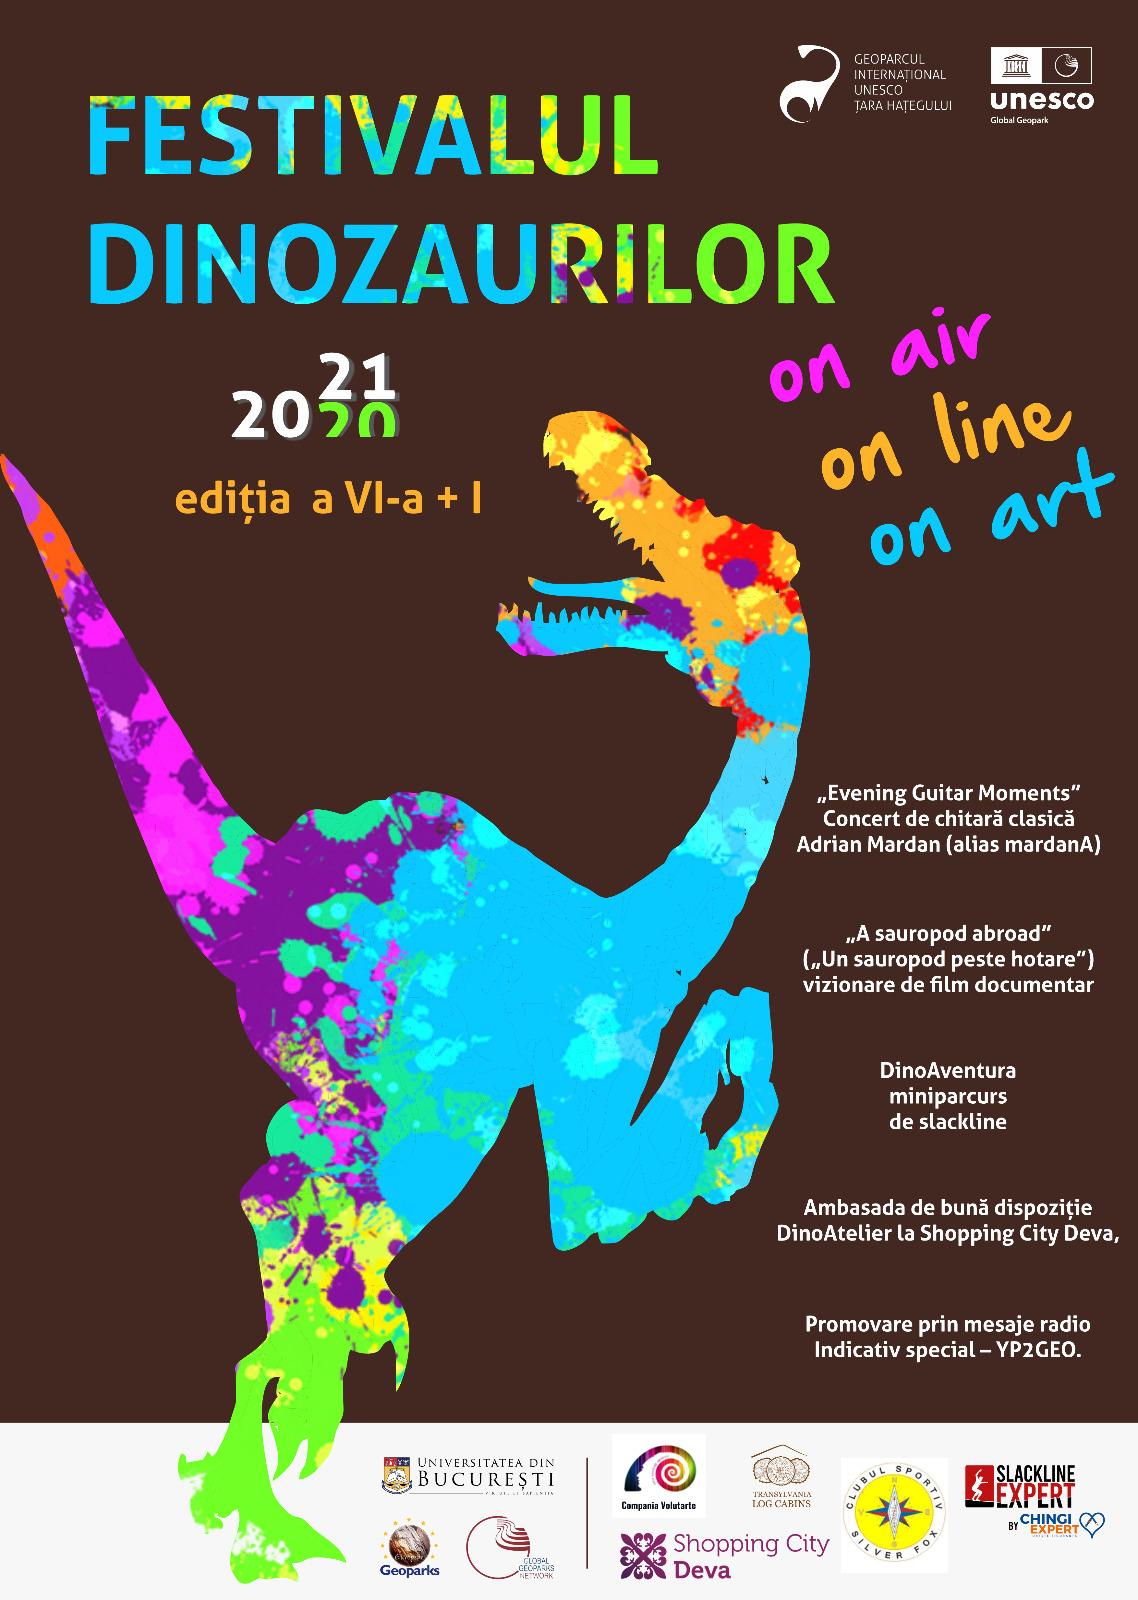 """În 2021, Festivalul Dinozaurilor este """"on air, on line & on art"""""""